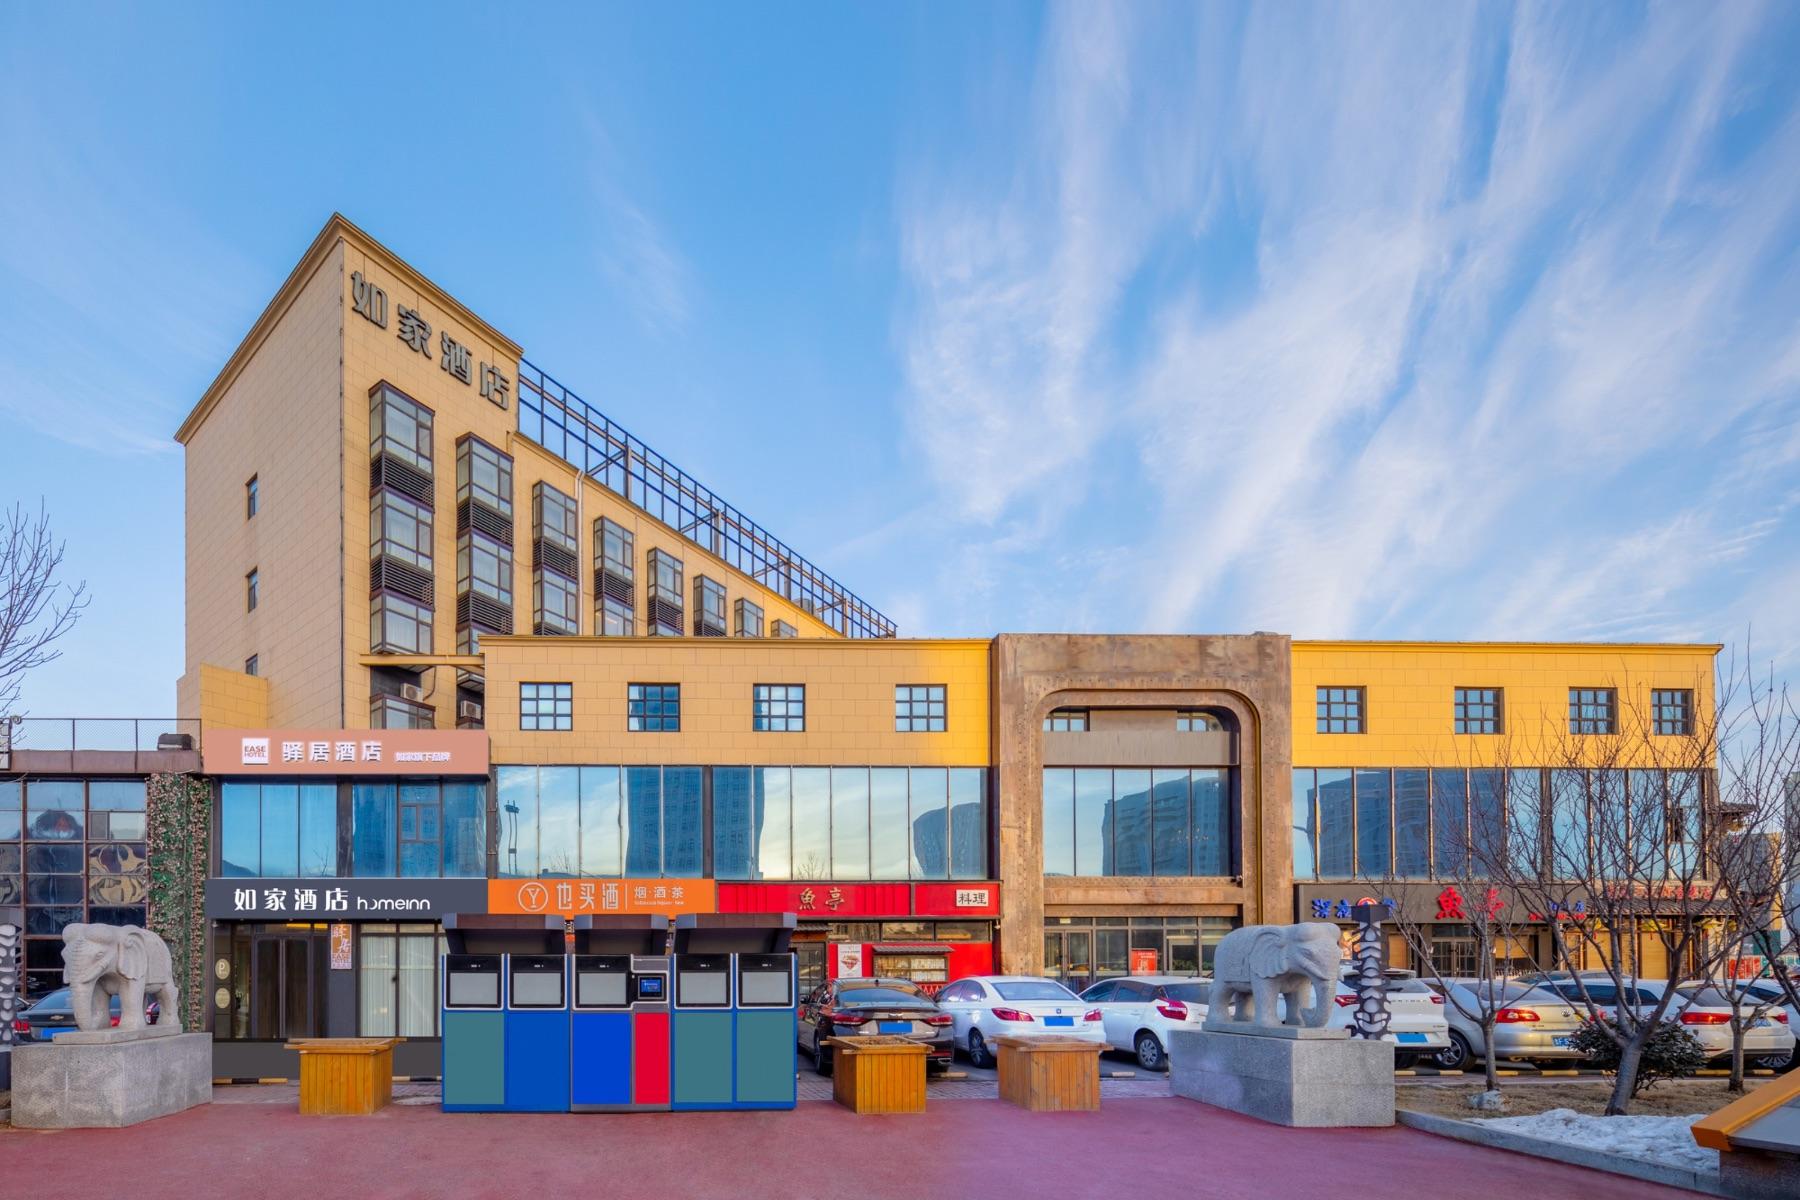 驛居(藍牌)酒店-煙臺國際博覽中心煙臺大學店